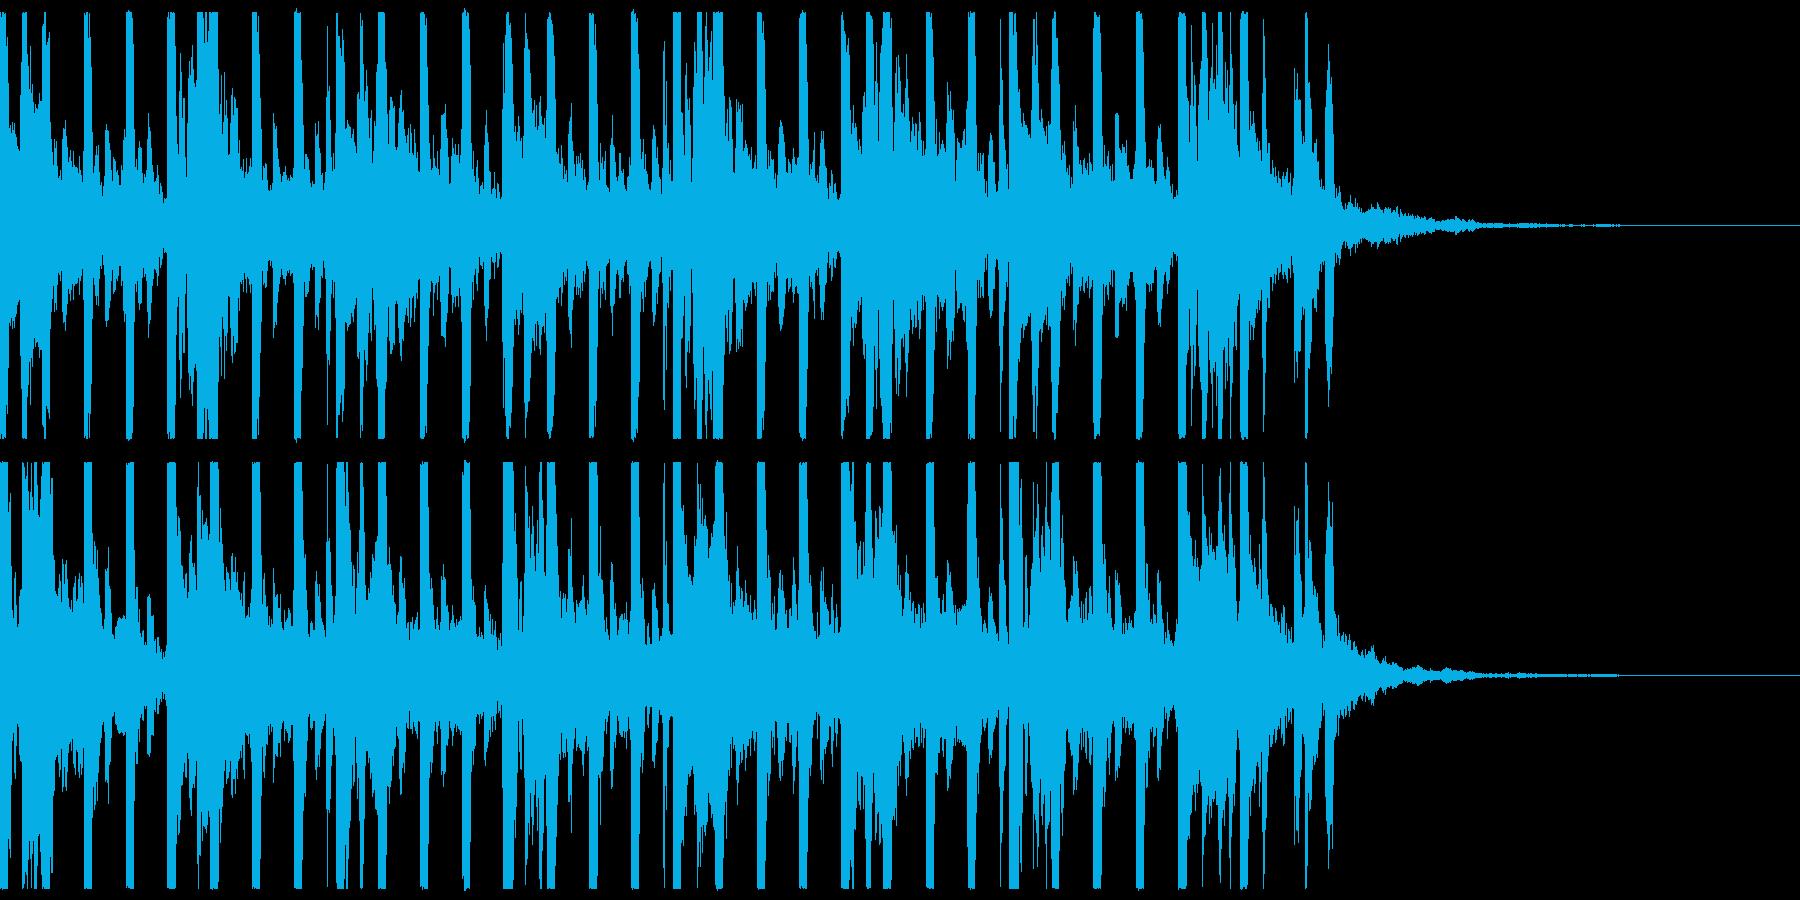 ゲーム、不規則ピアノメロディ、ショートの再生済みの波形